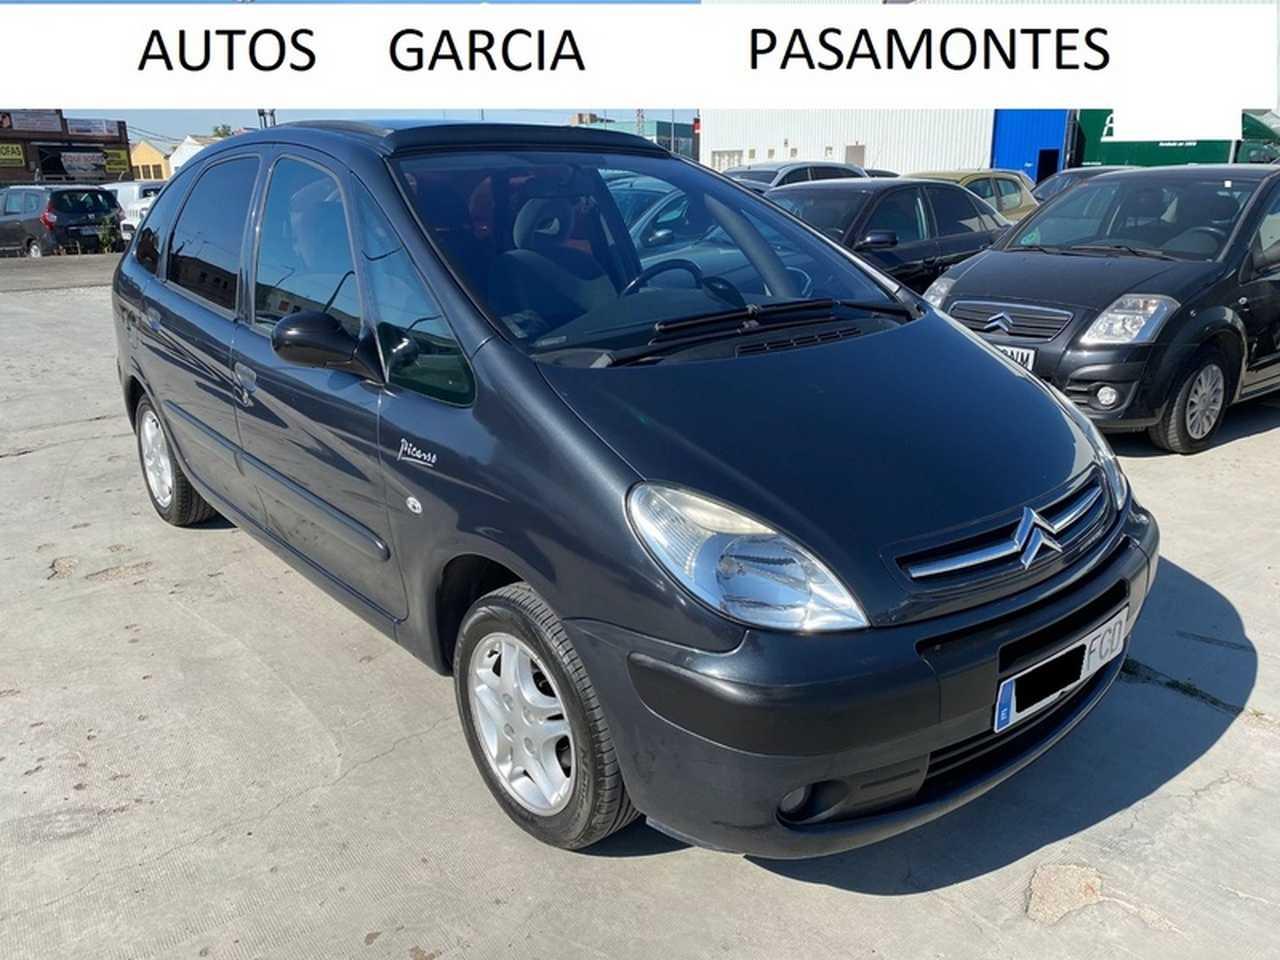 Citroën Xsara Picasso 1.6 SX TOP  90CV MUY CUIDADO VEN A VERLO NO LO DUDES  - Foto 1